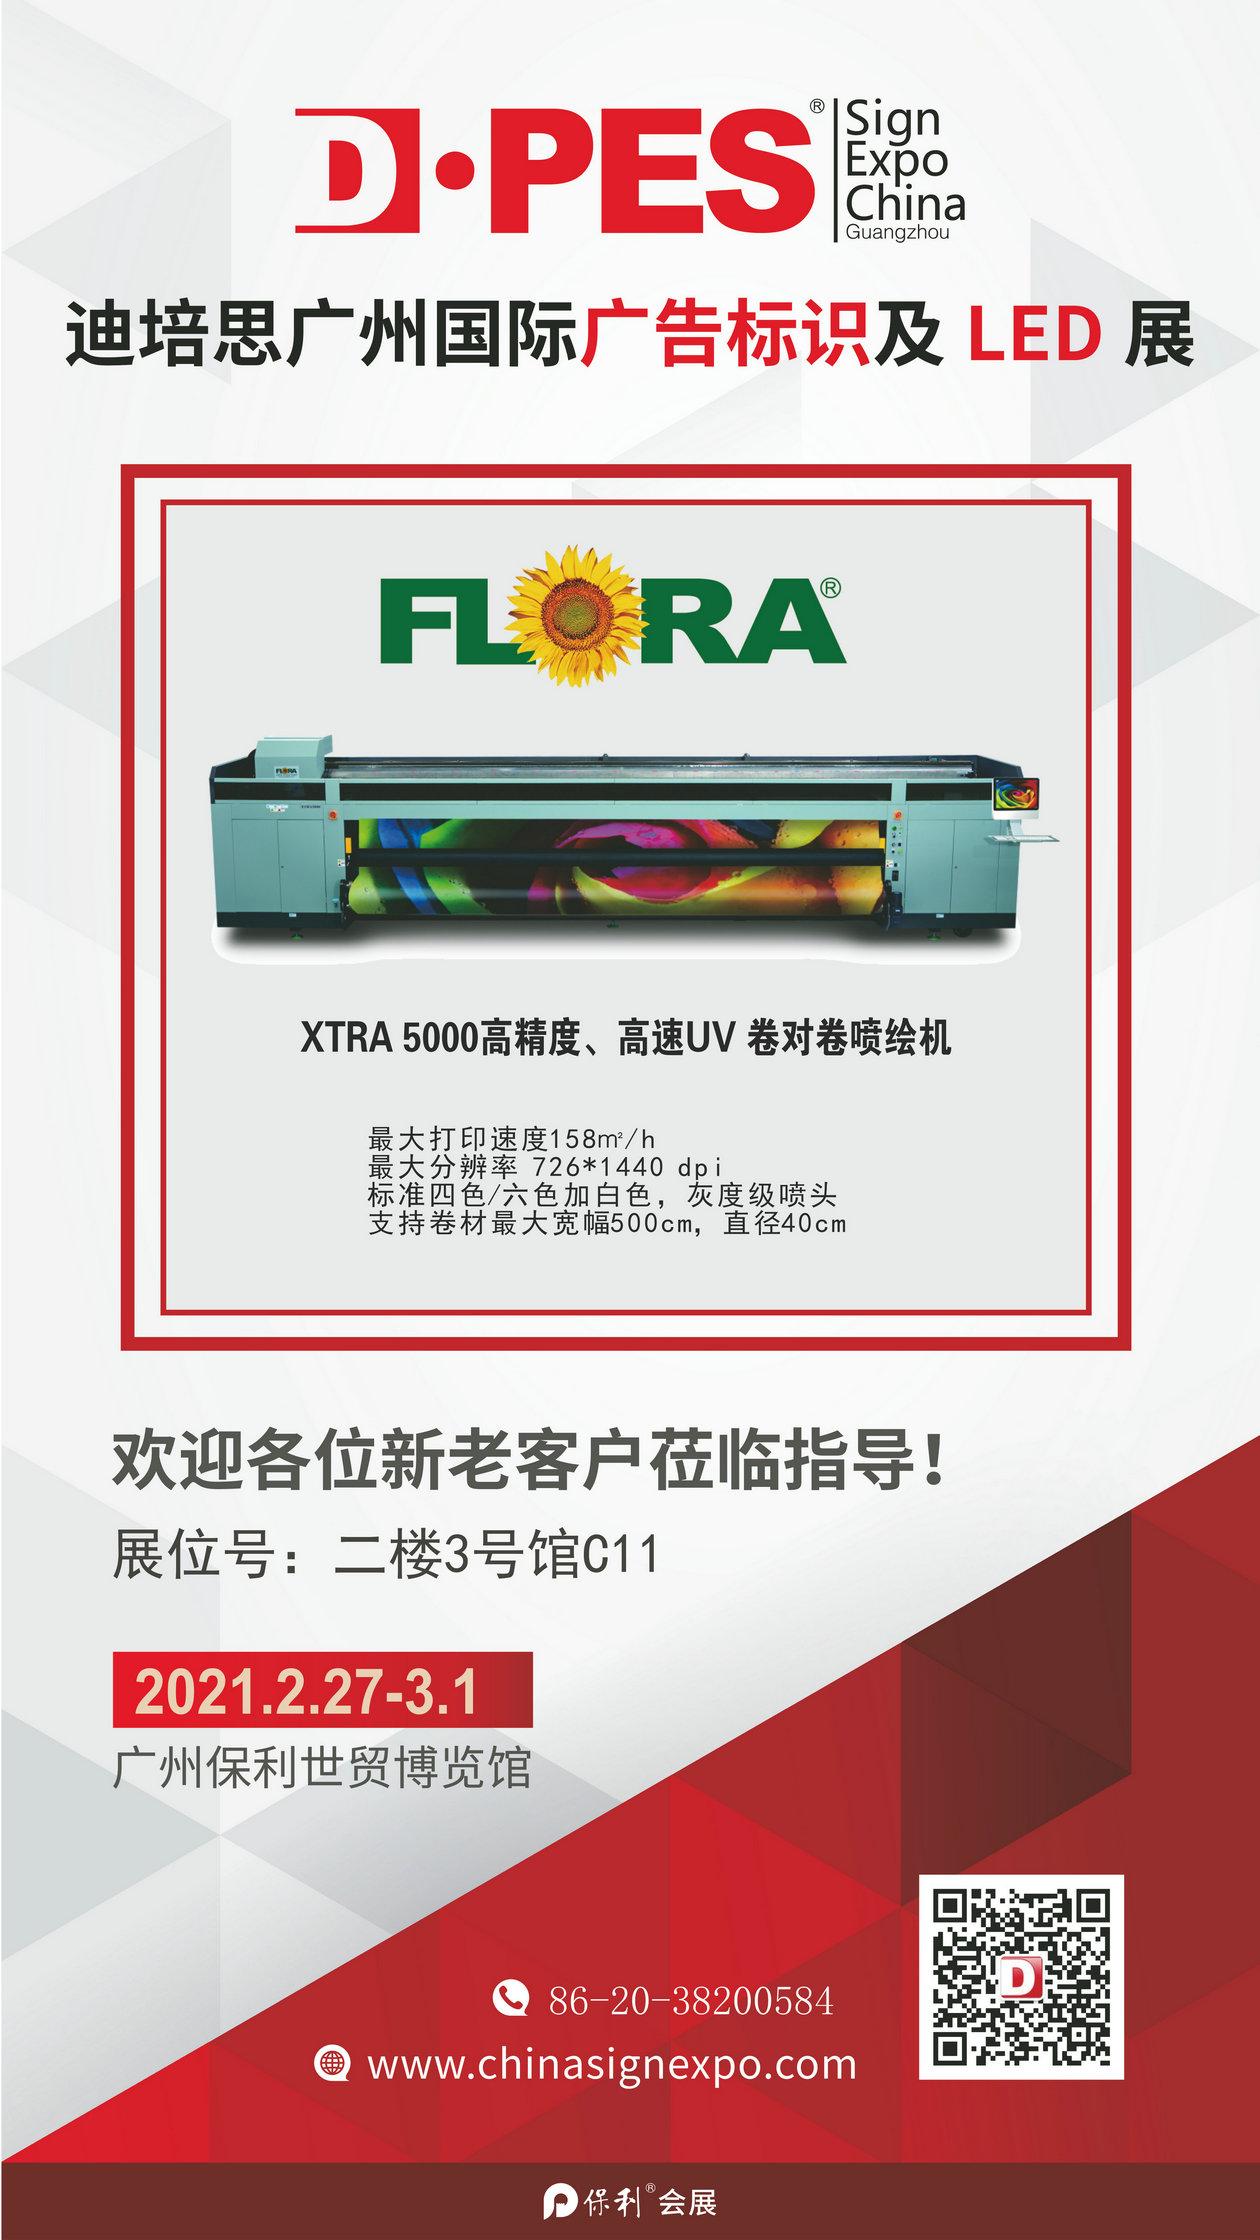 开年首秀|第二十四届迪培思广州国际广告展即将开幕!